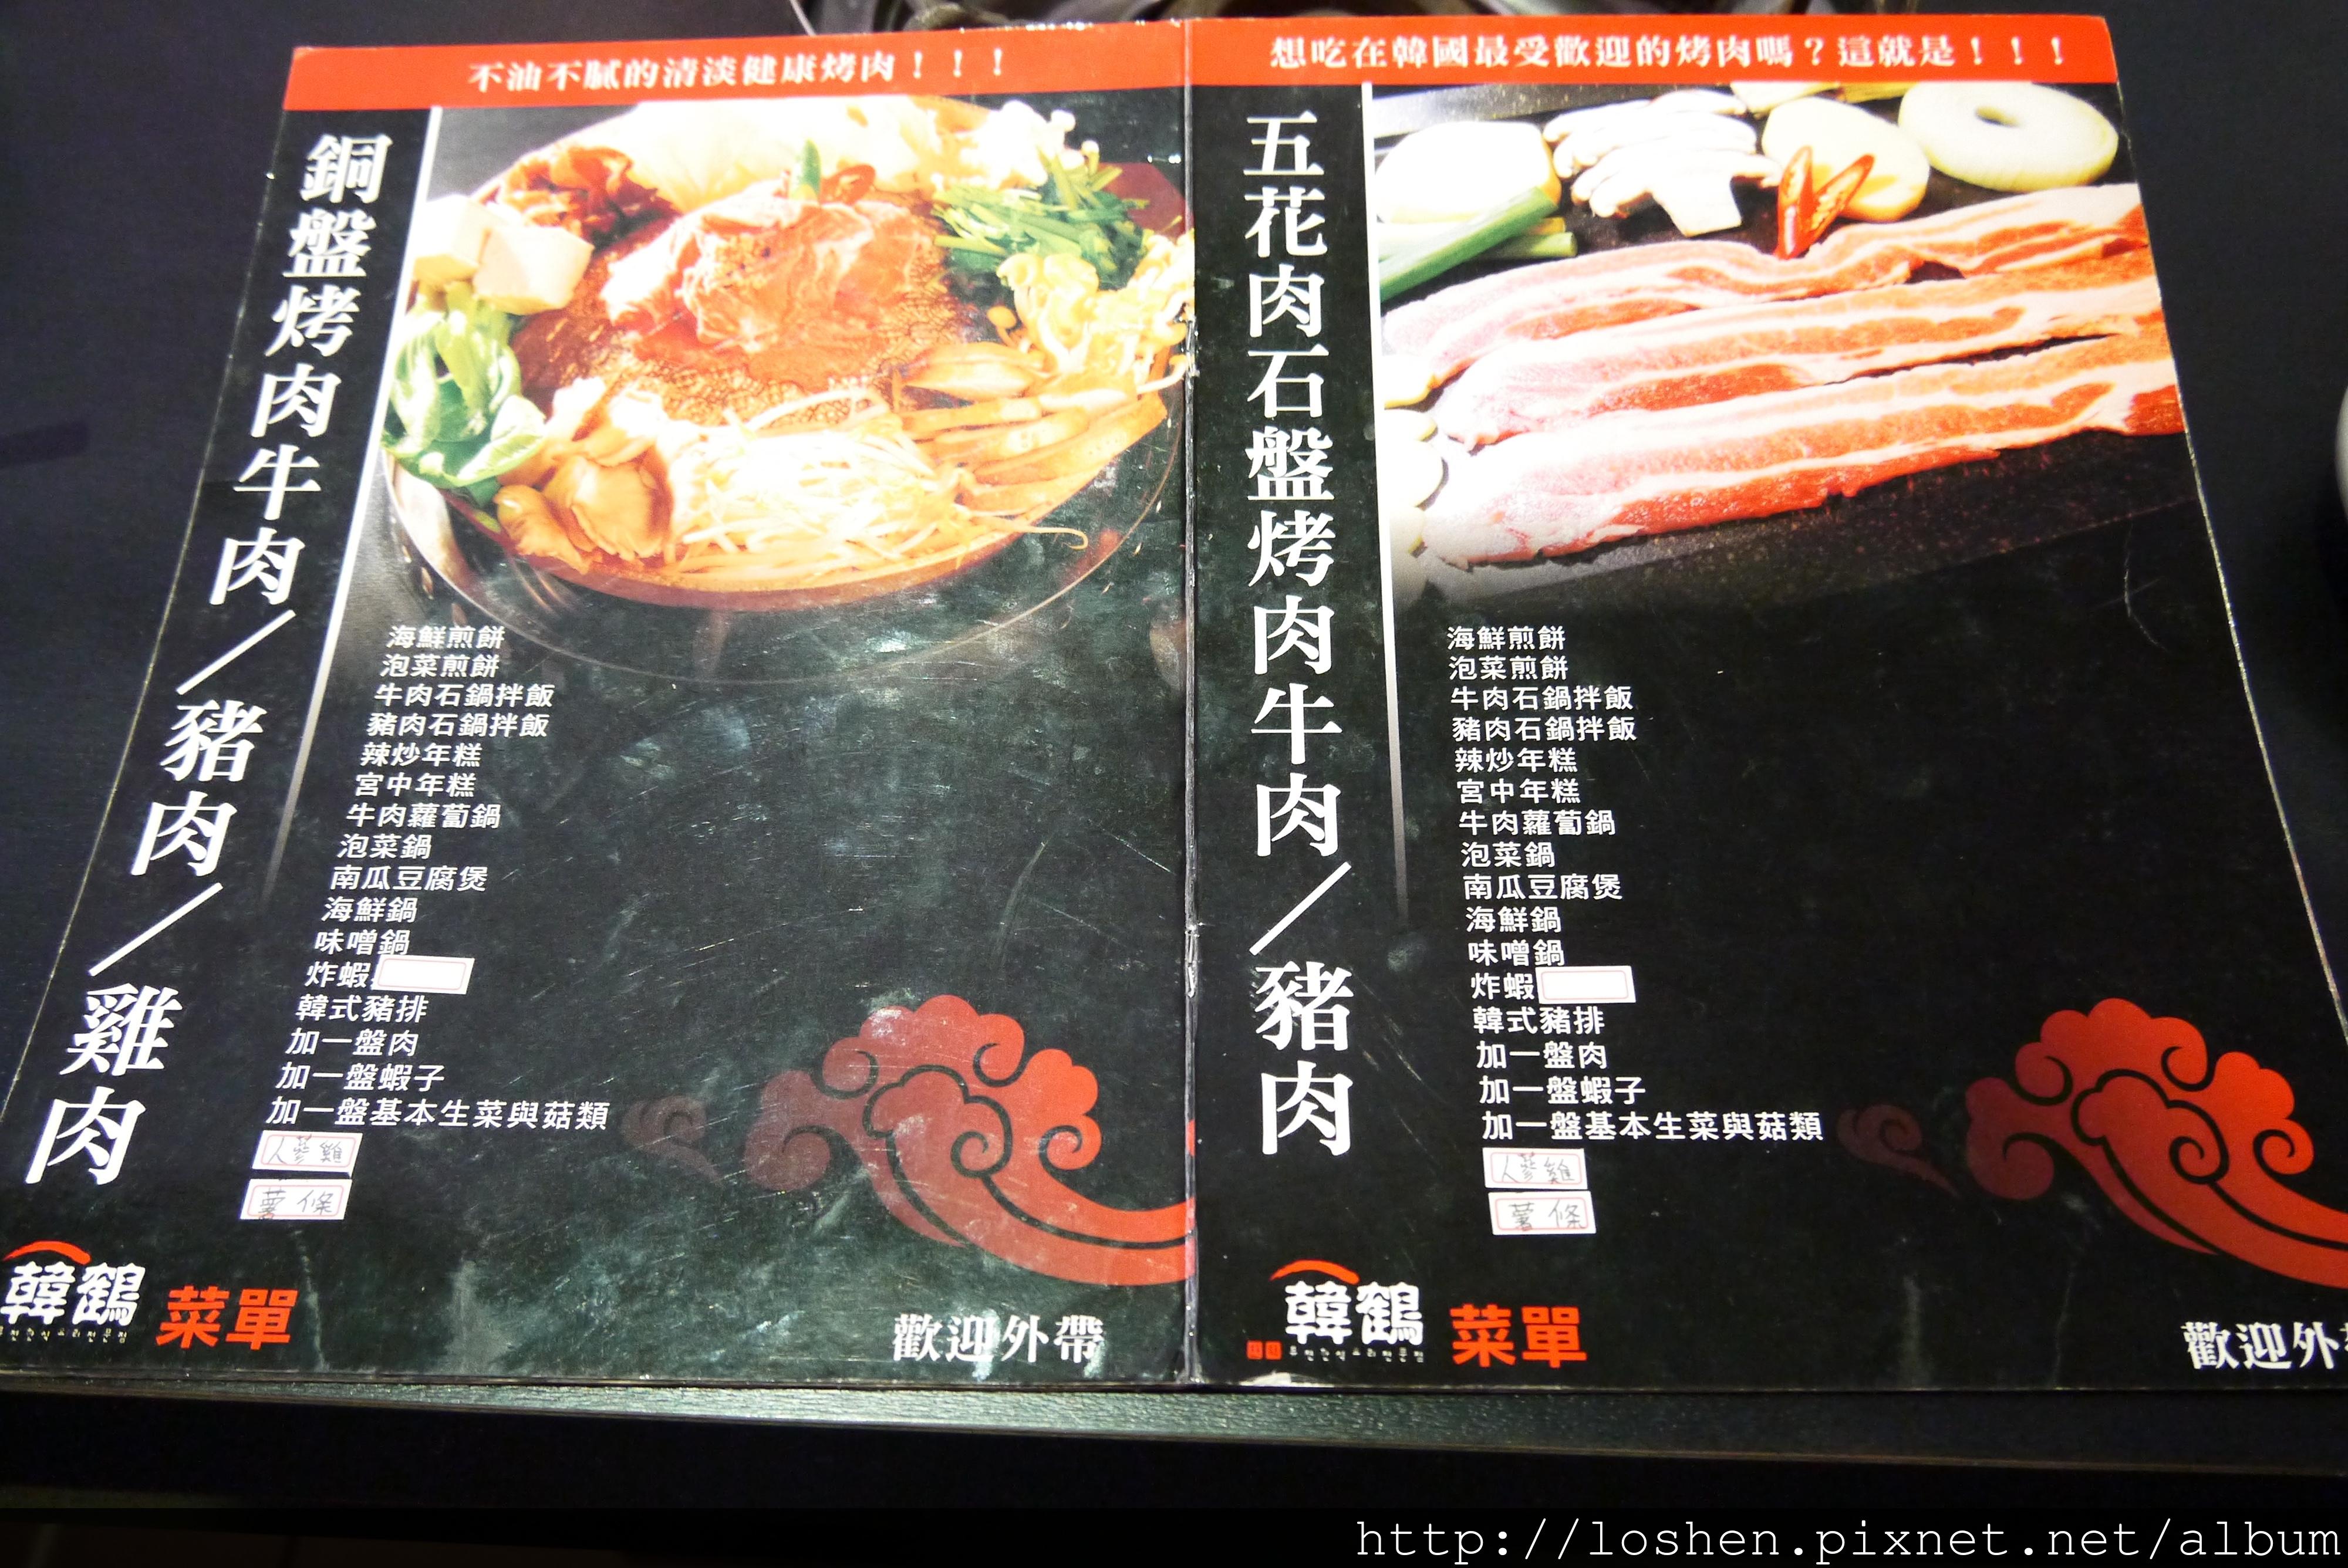 韓鶴韓式料理